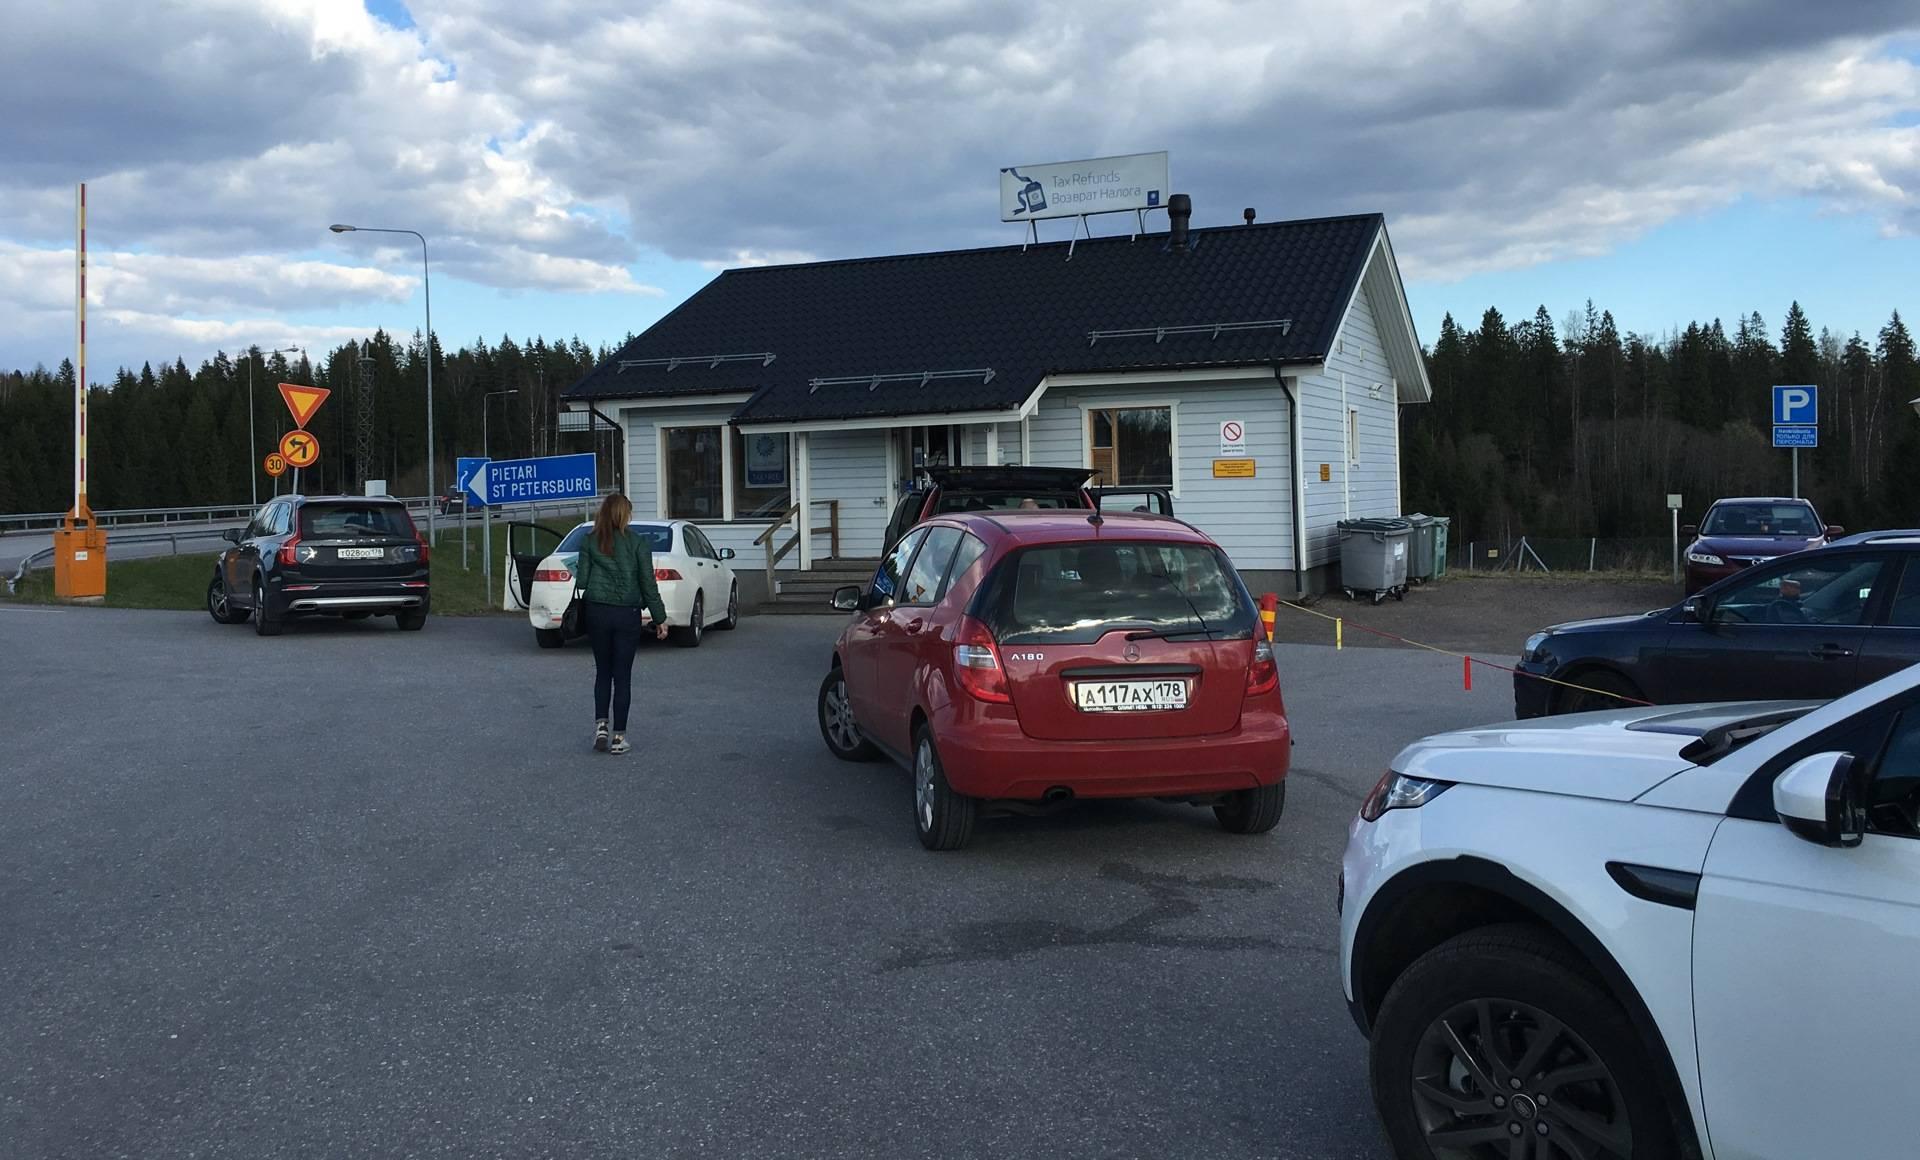 На машине в финляндию, когда планируют открыть границы с россией: поездка из москвы, санкт-петербурга в хельсинки: расстояние, прогноз, правила въезда автомобиля блокнот туриста